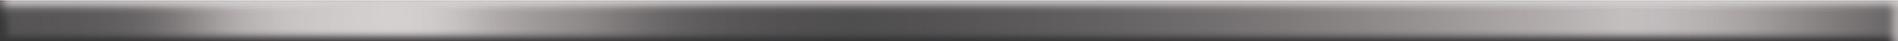 Купить Керамическая плитка AltaСera Tenor Platina BW0TNR07 бордюр 1, 3x60, Россия